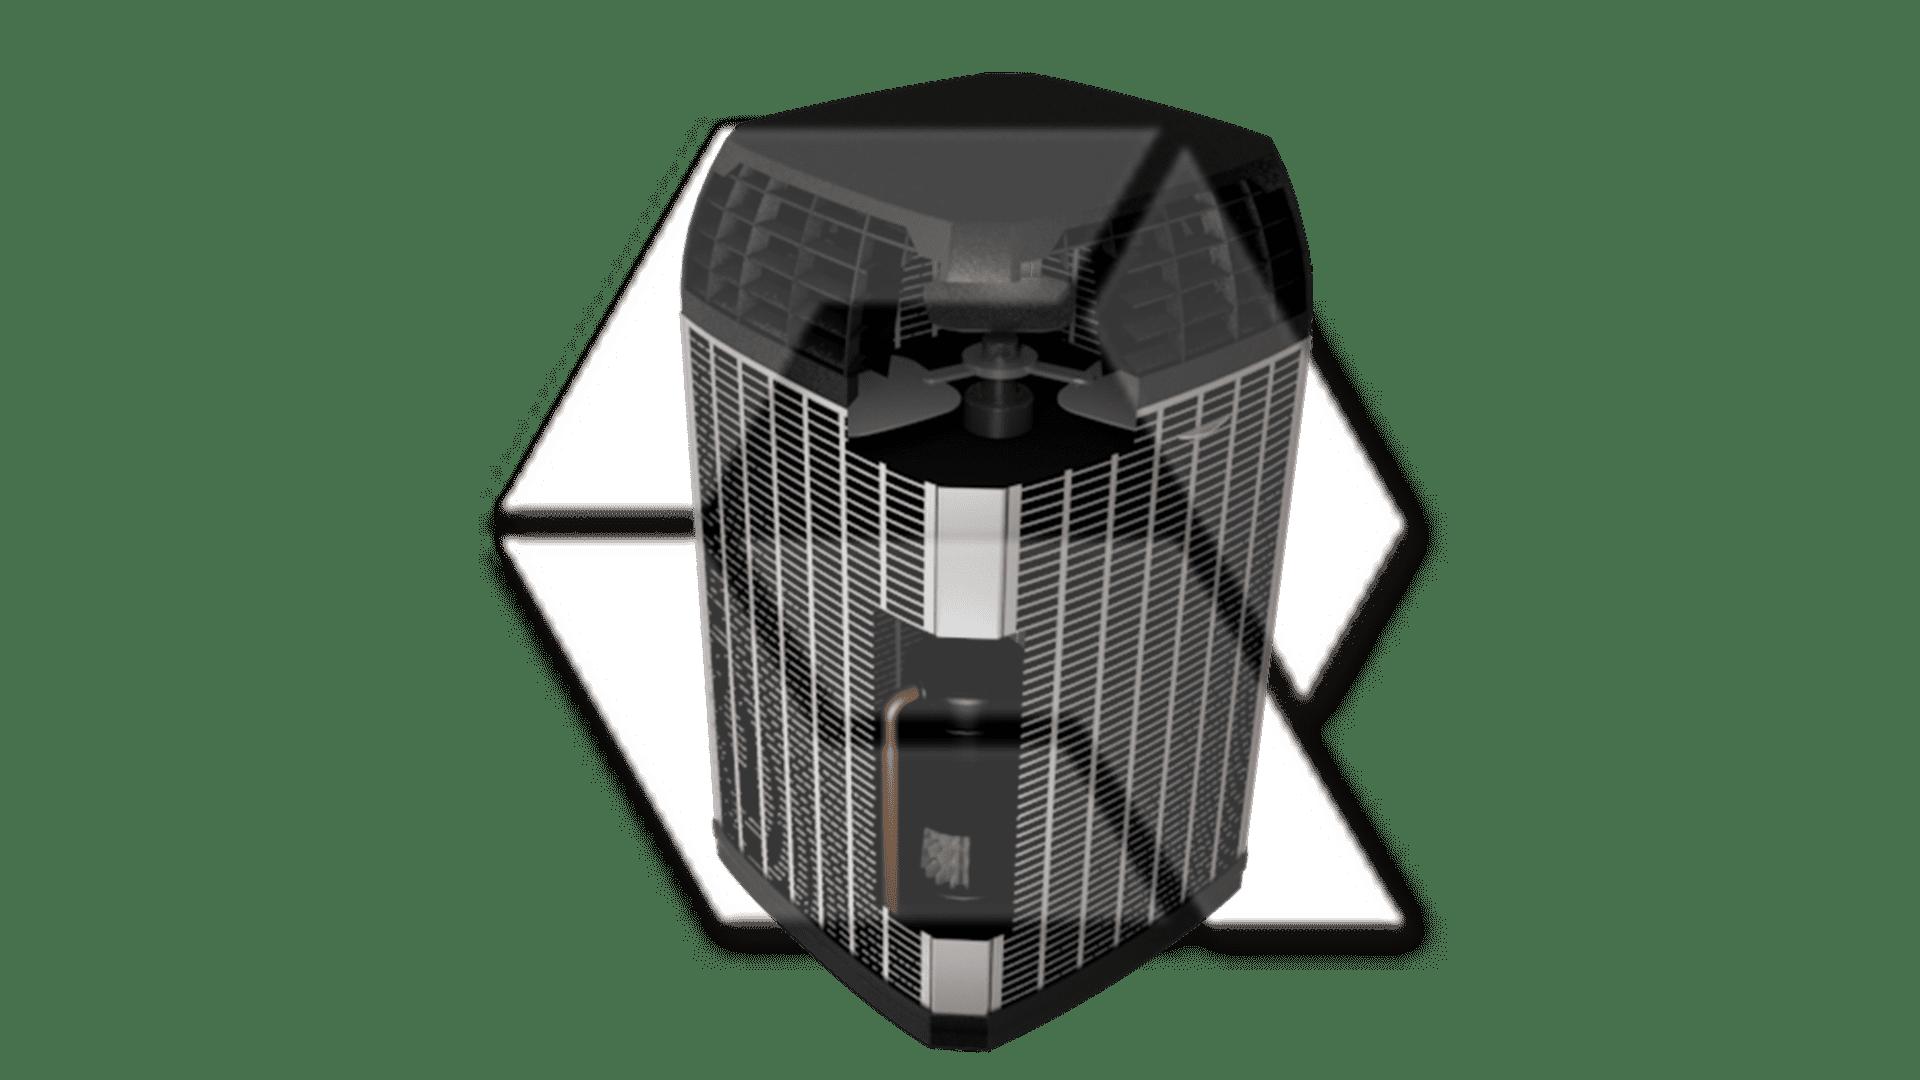 Trane XL15i Open View